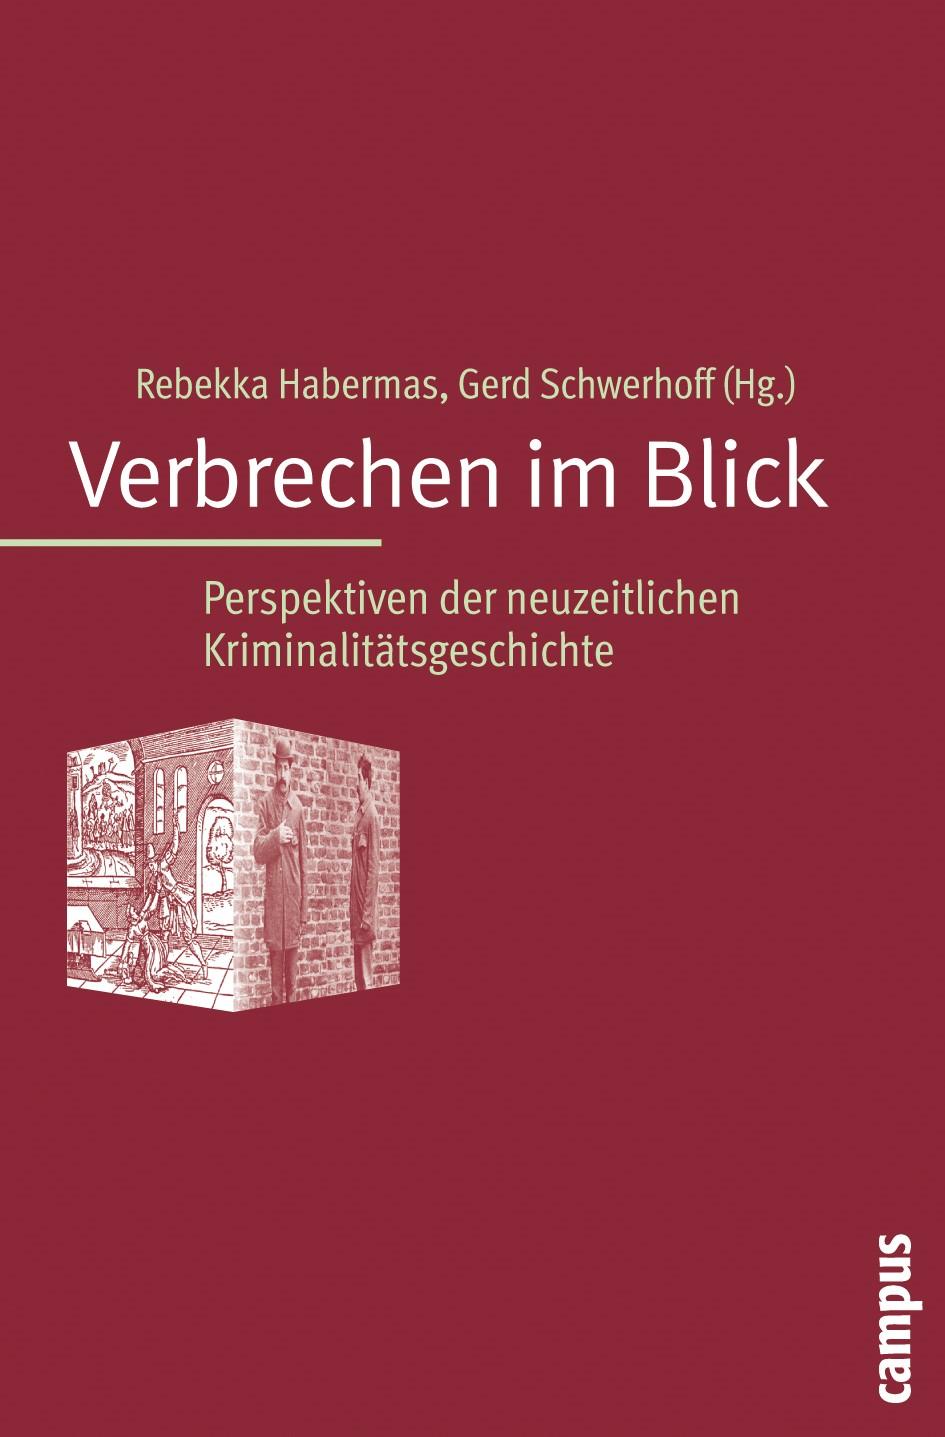 Abbildung von Habermas / Schwerhoff | Verbrechen im Blick | 2009